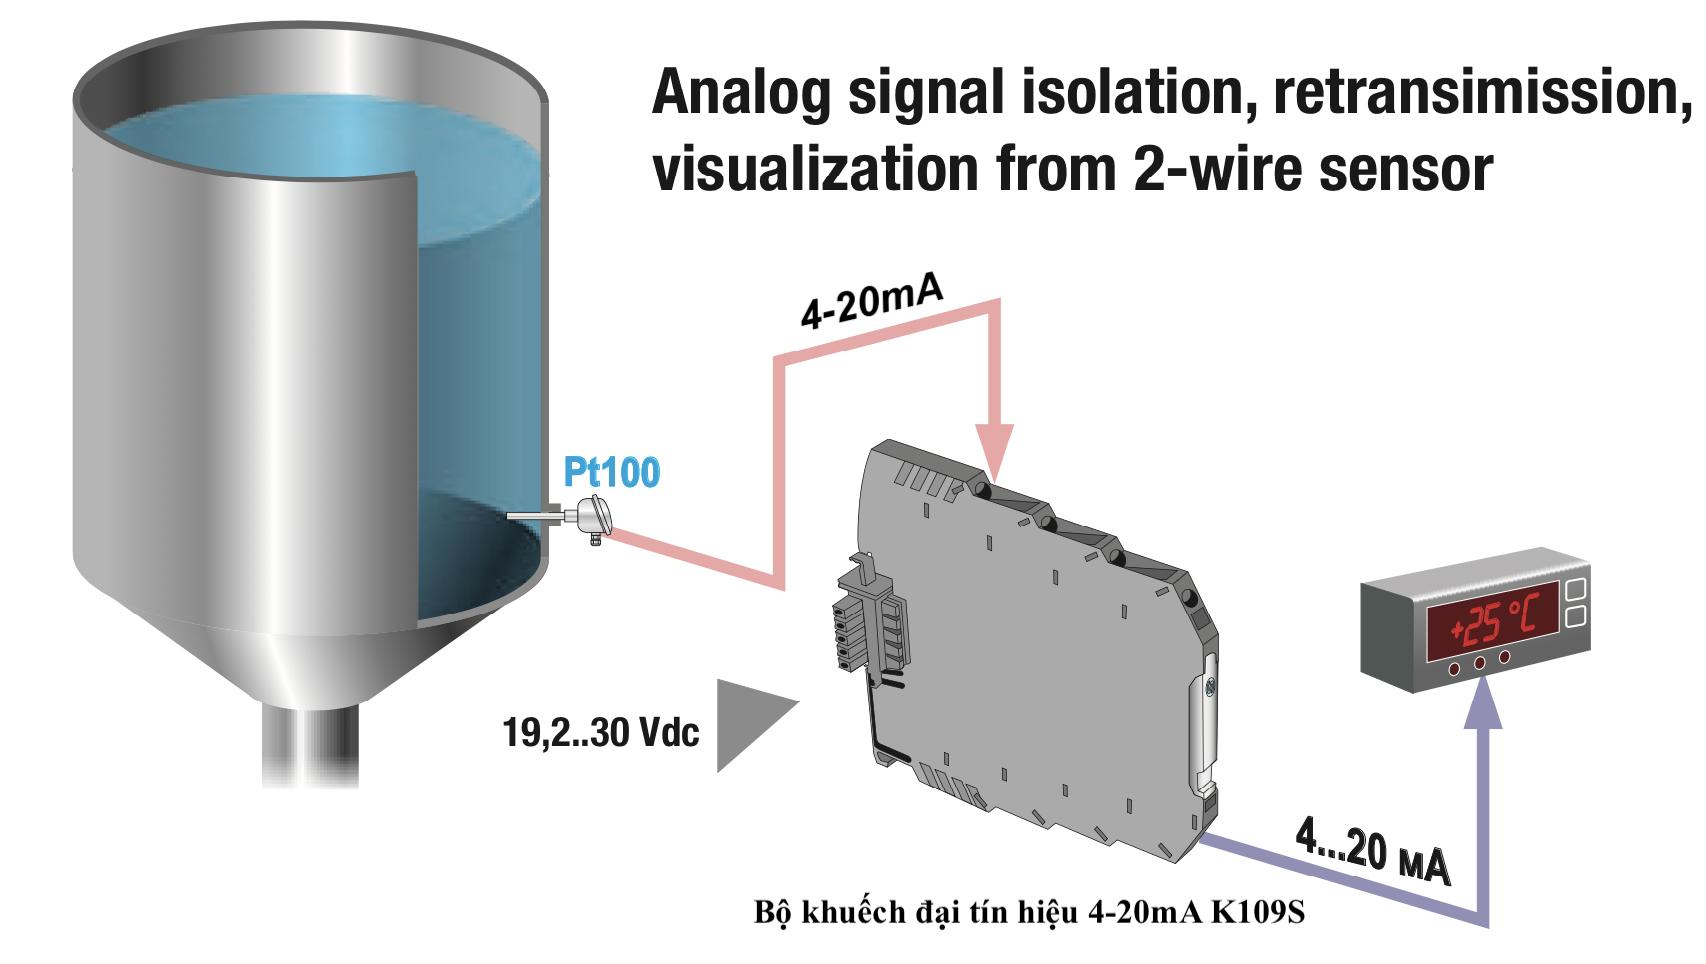 Ứng dụng bộ khuếch đại tín hiệu 4-20mA 0-10V K109S